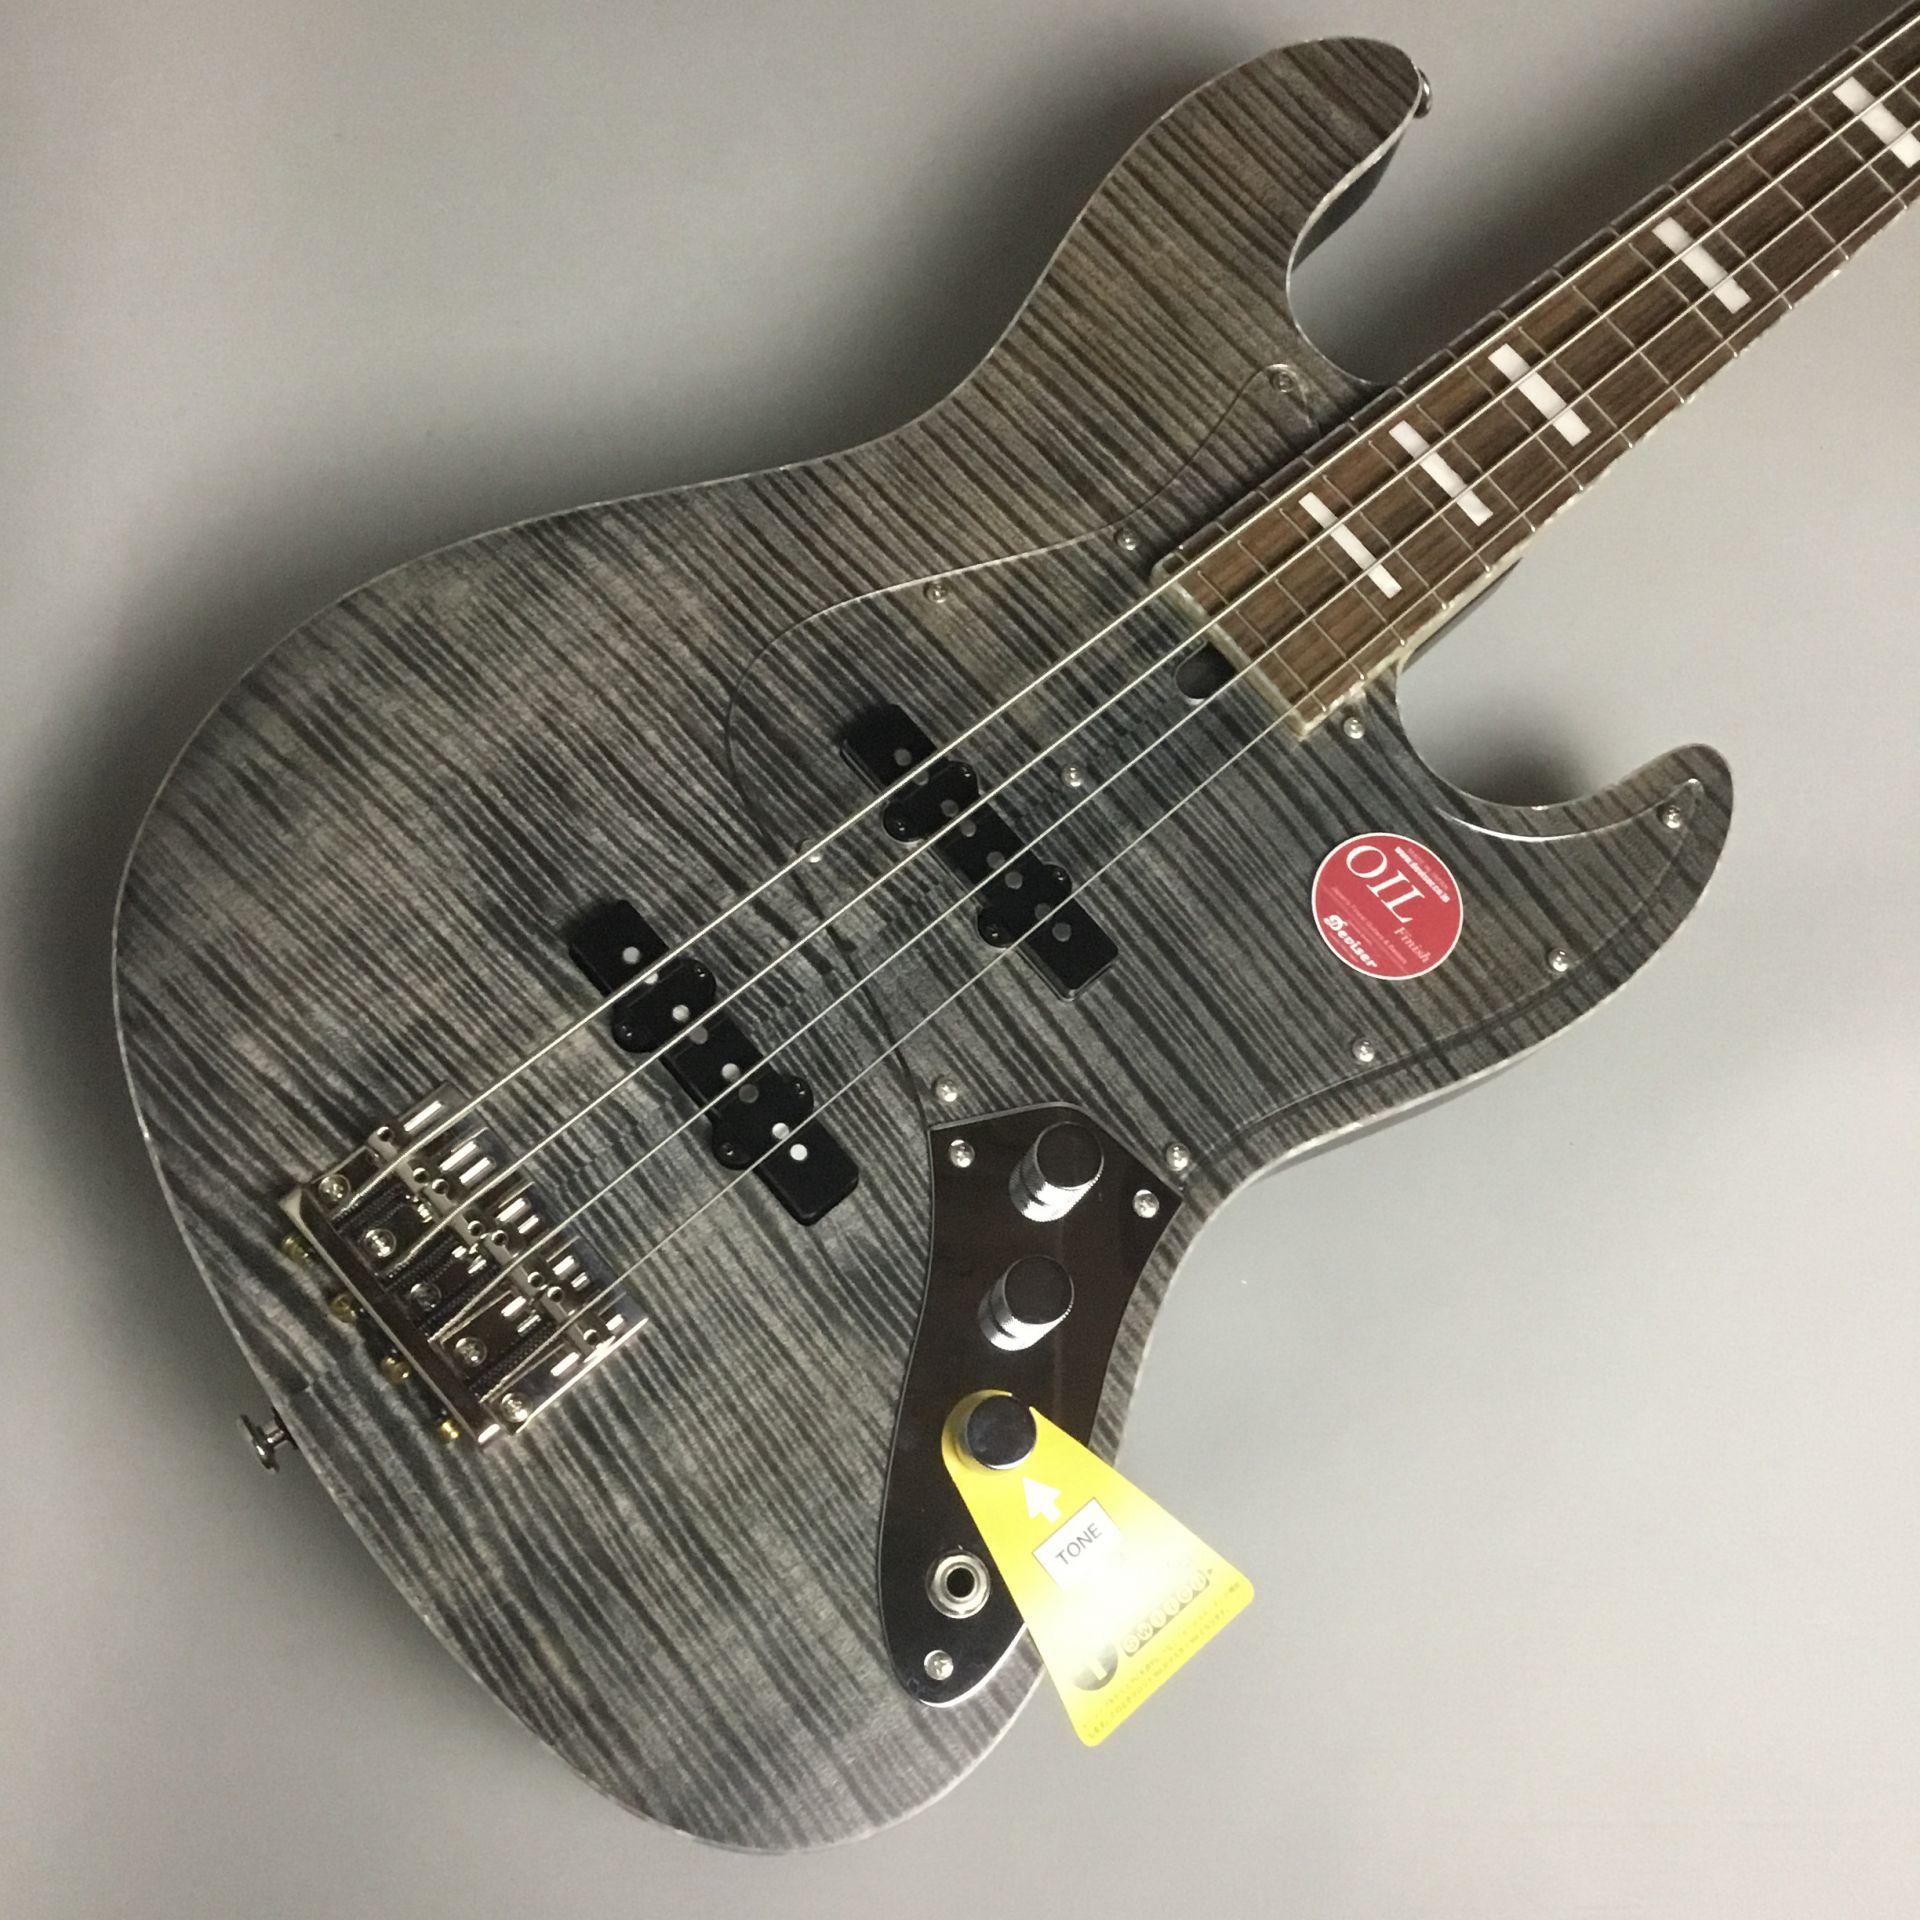 Musical Instruments & Gear Bacchus Wl4-fm Custom Bass Guitar Electric Bass Guitars